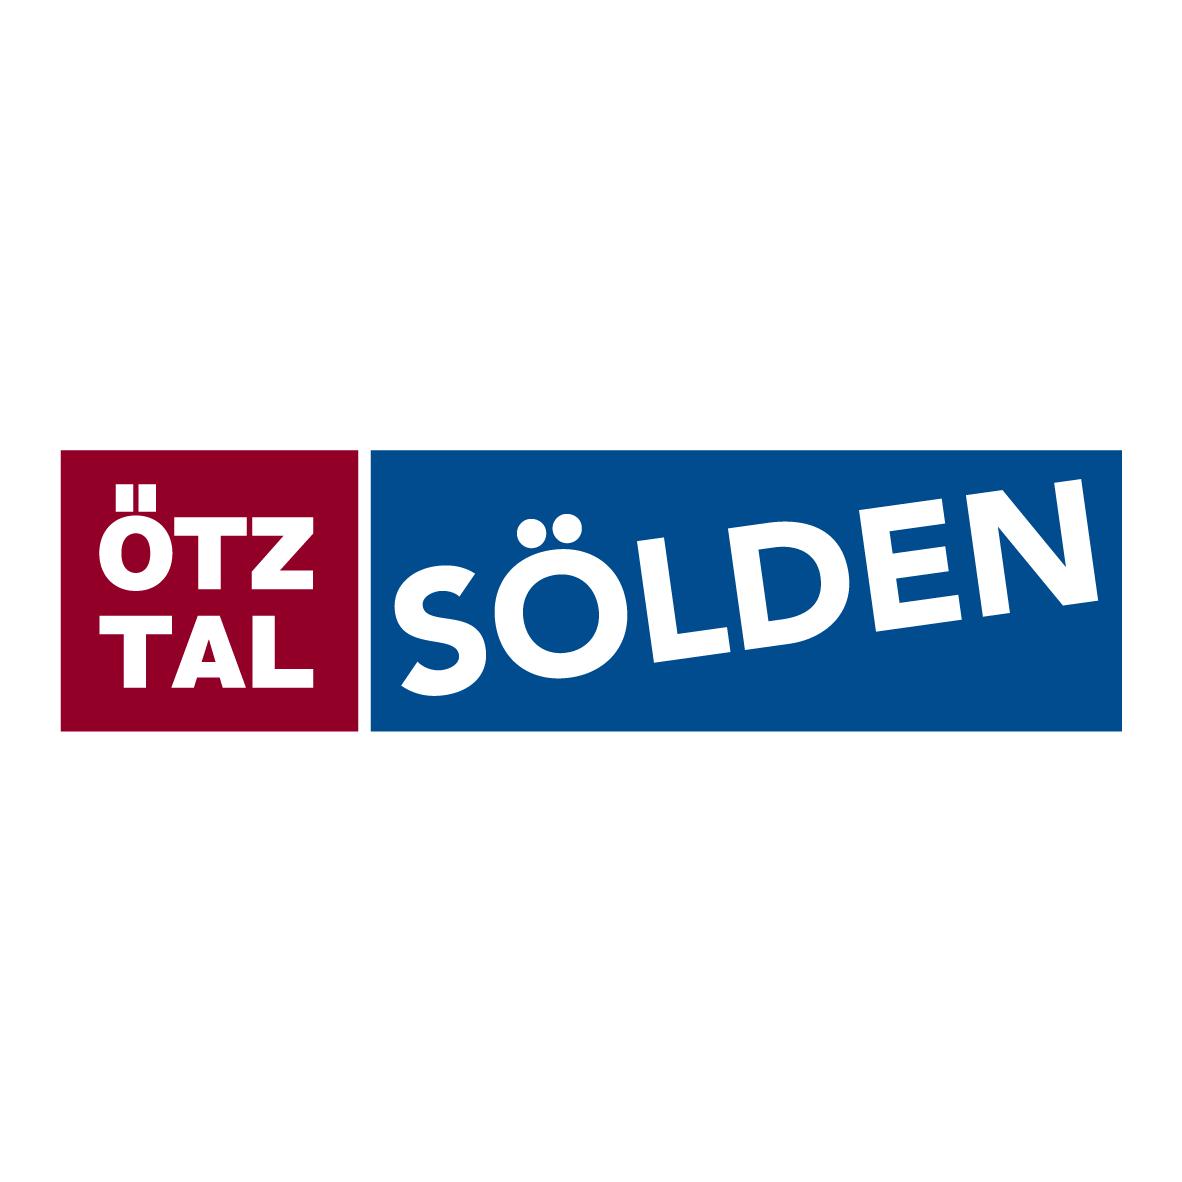 Logo ötztal Sölden